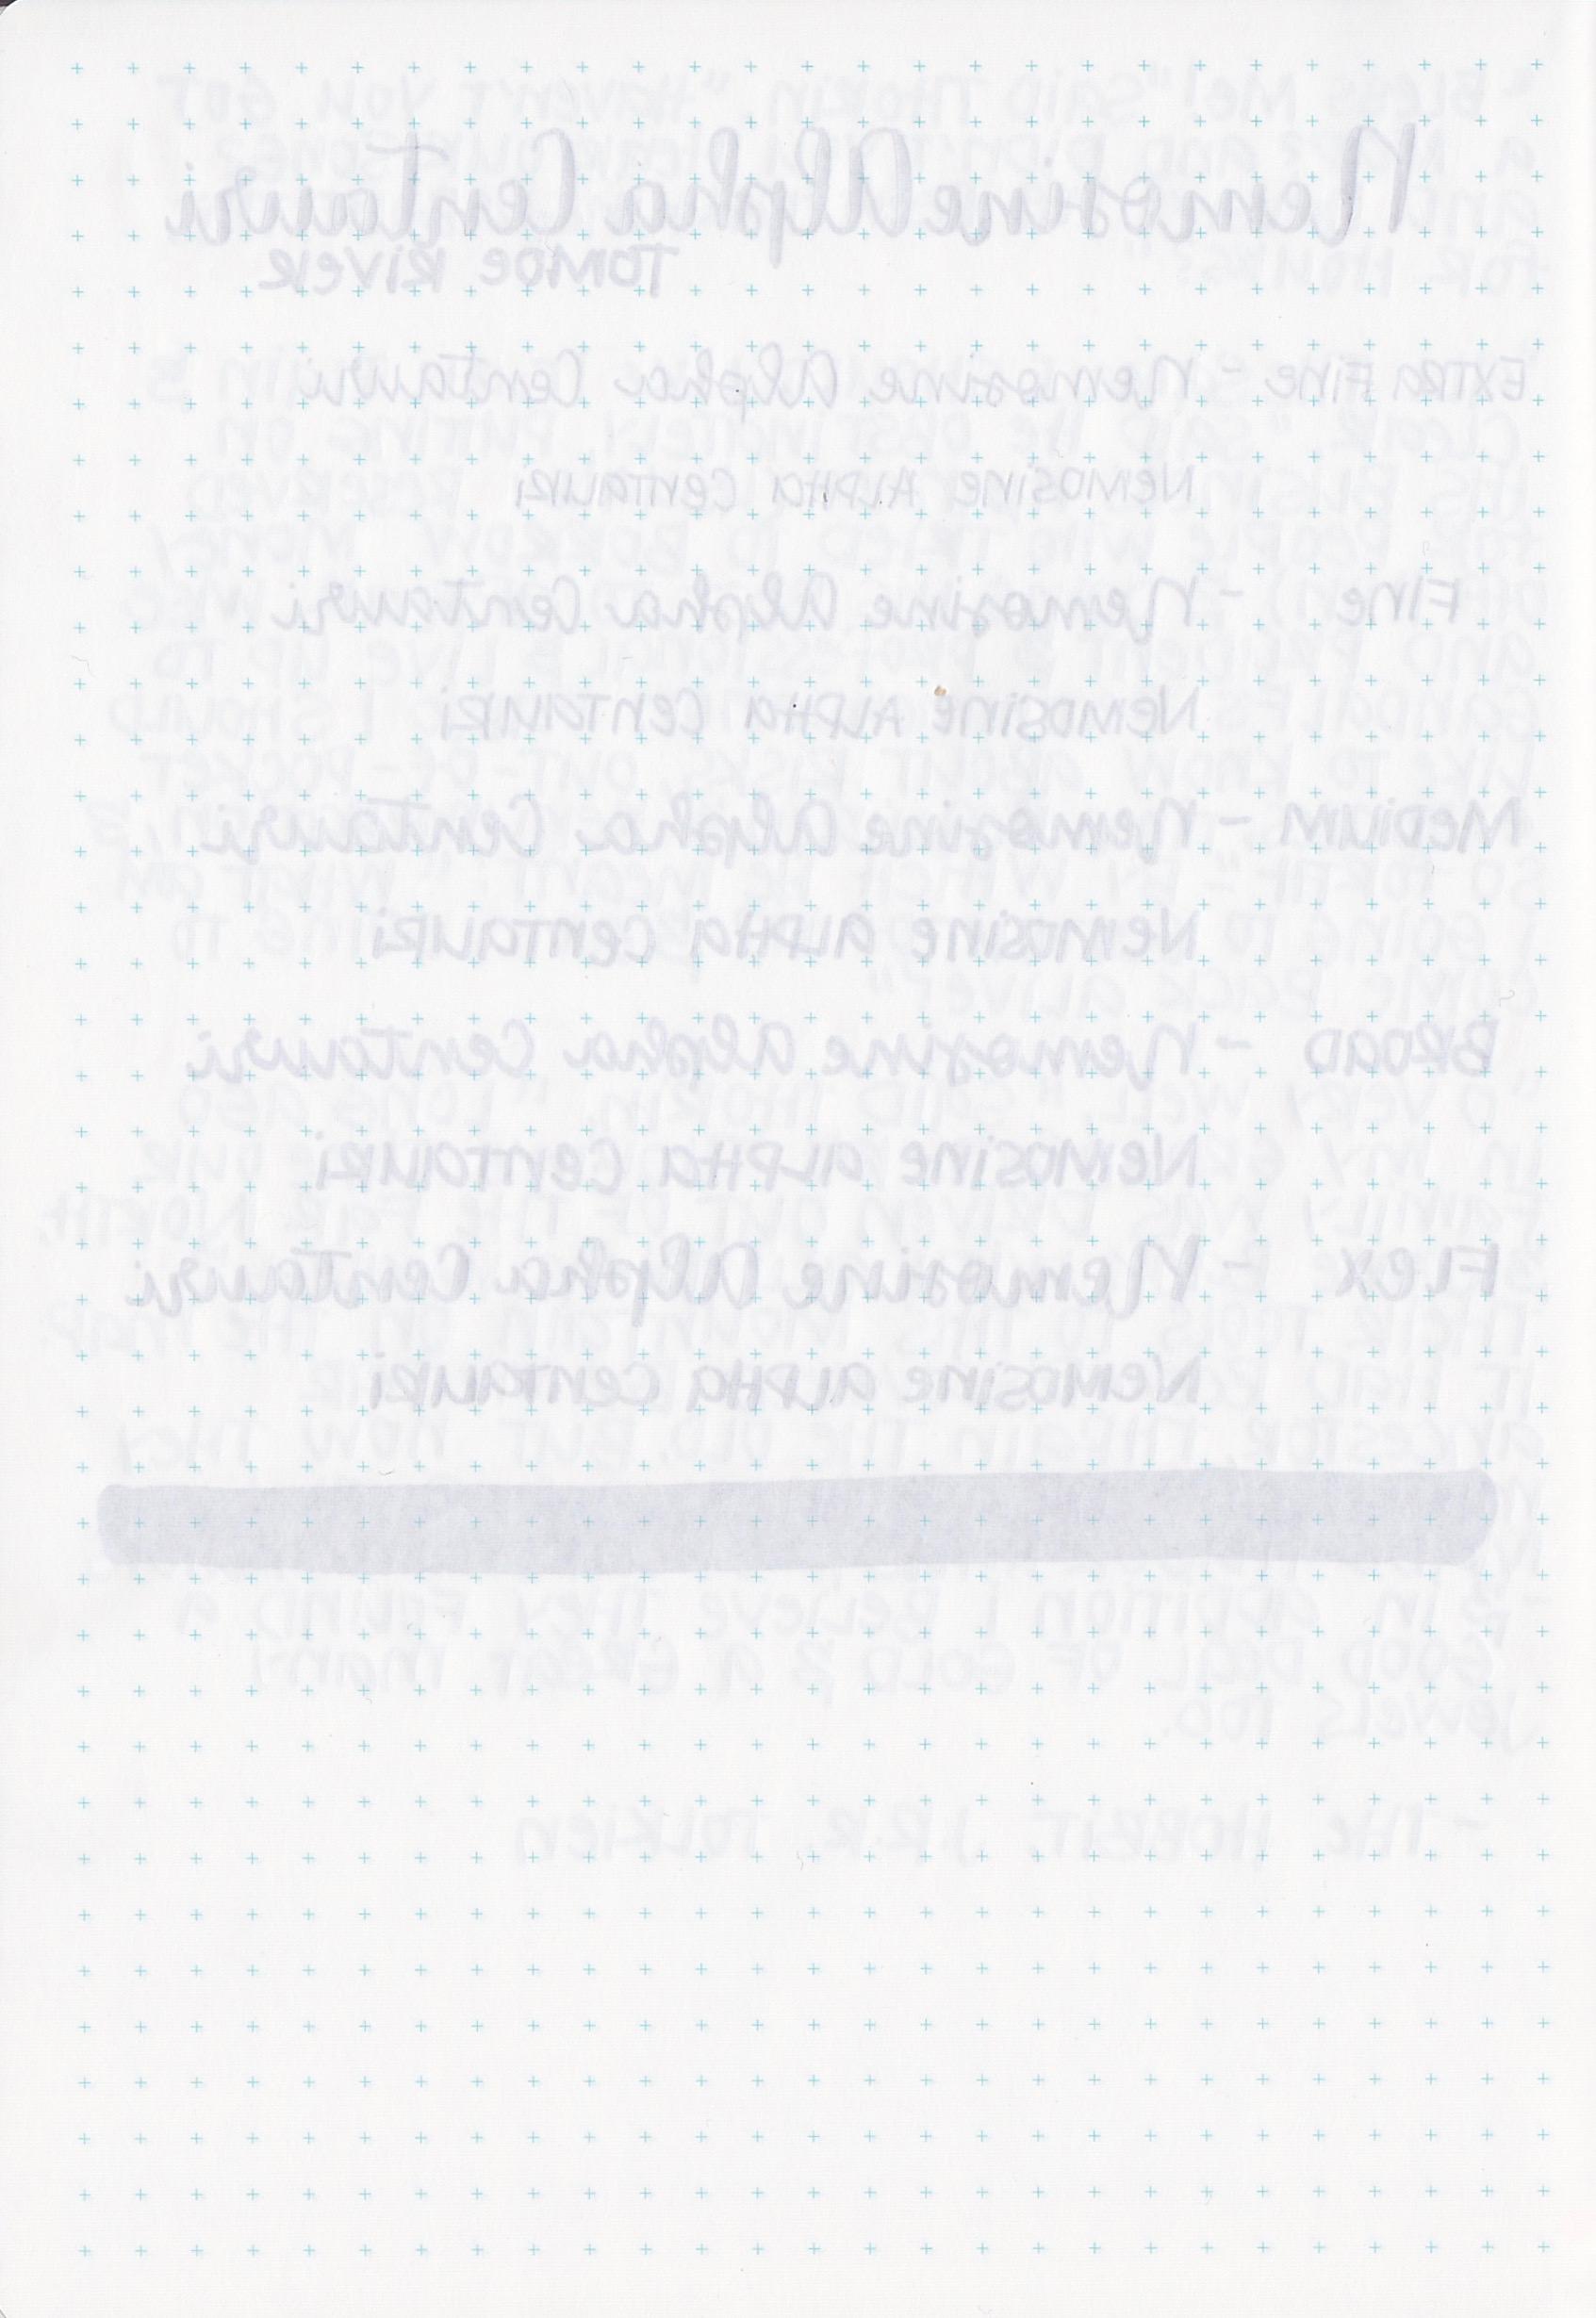 NemoAlphaCentauri - 8.jpg